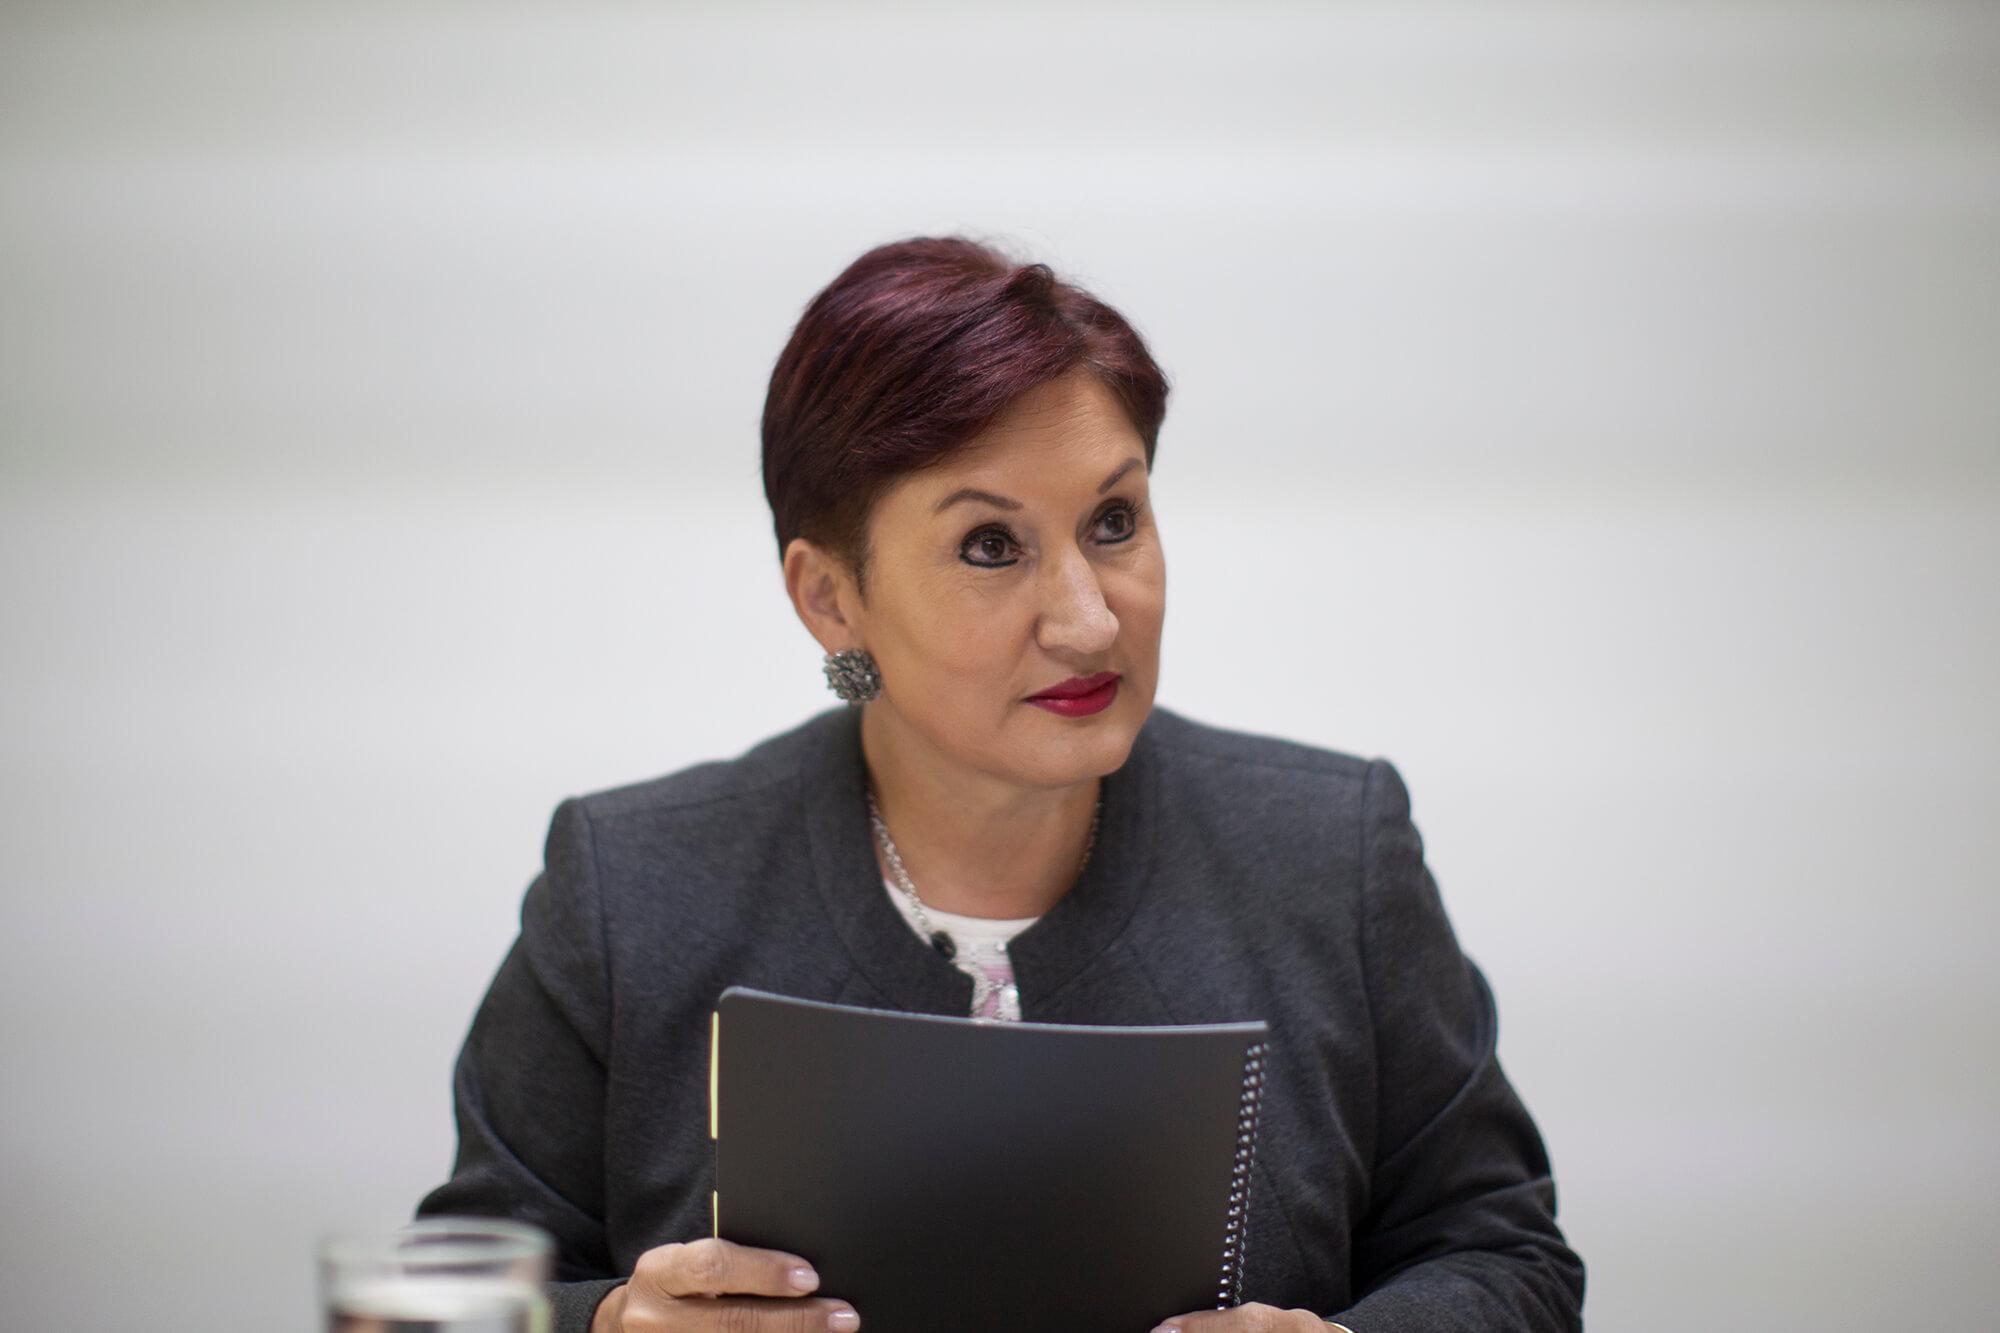 2019-02-17-Mujeres a la presidencia-Thelma Aldana entrevista